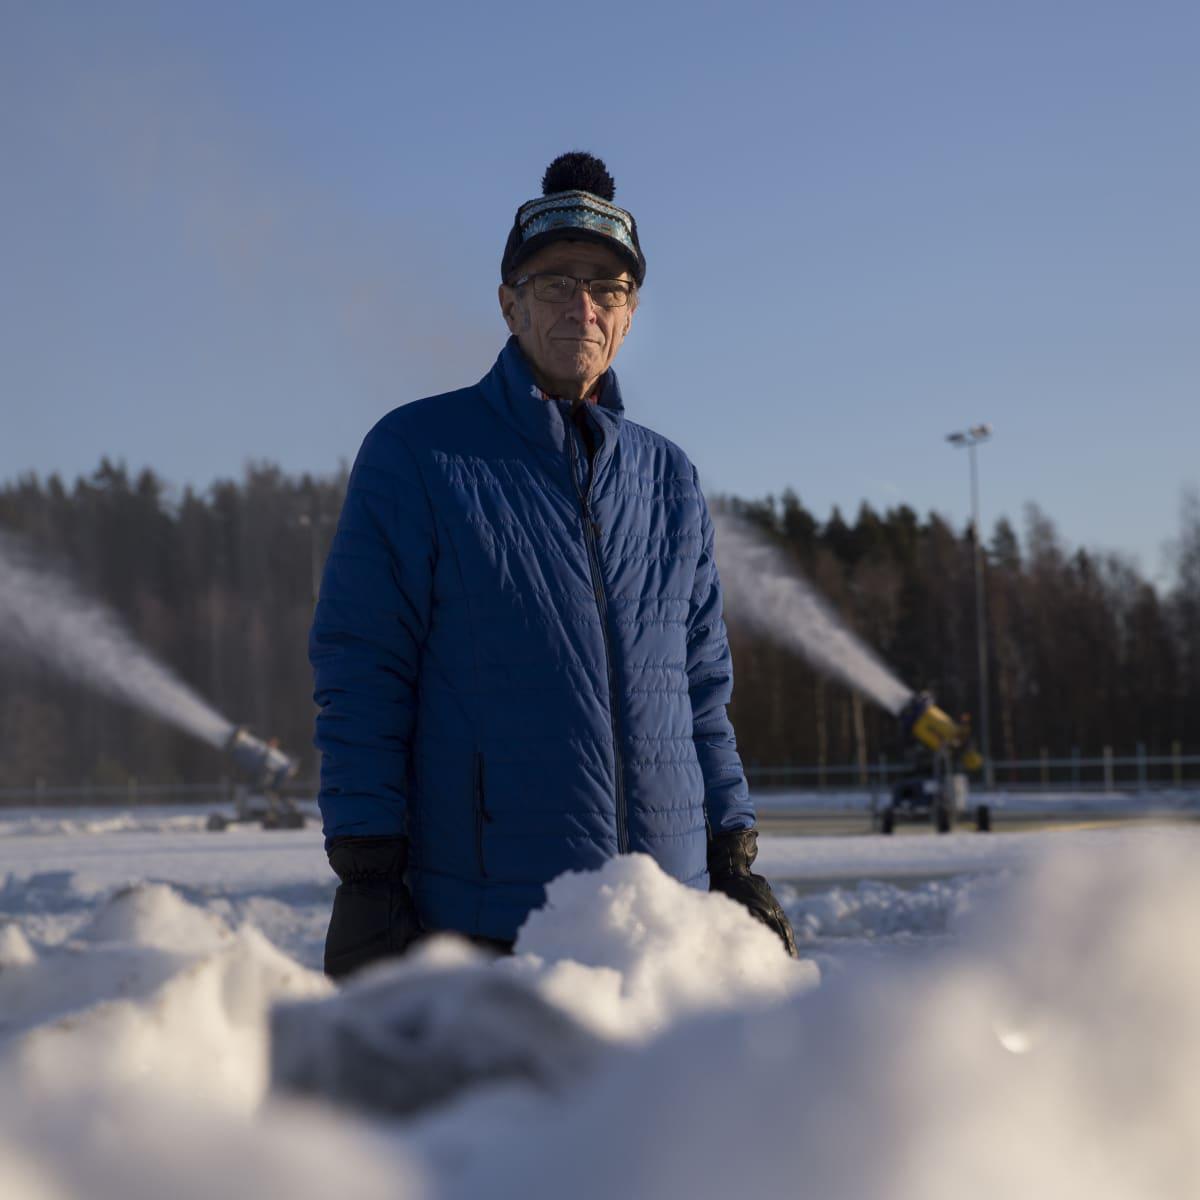 Seppo Räty, Vantaan hiihtoseuran kunniapuheenjohtaja.